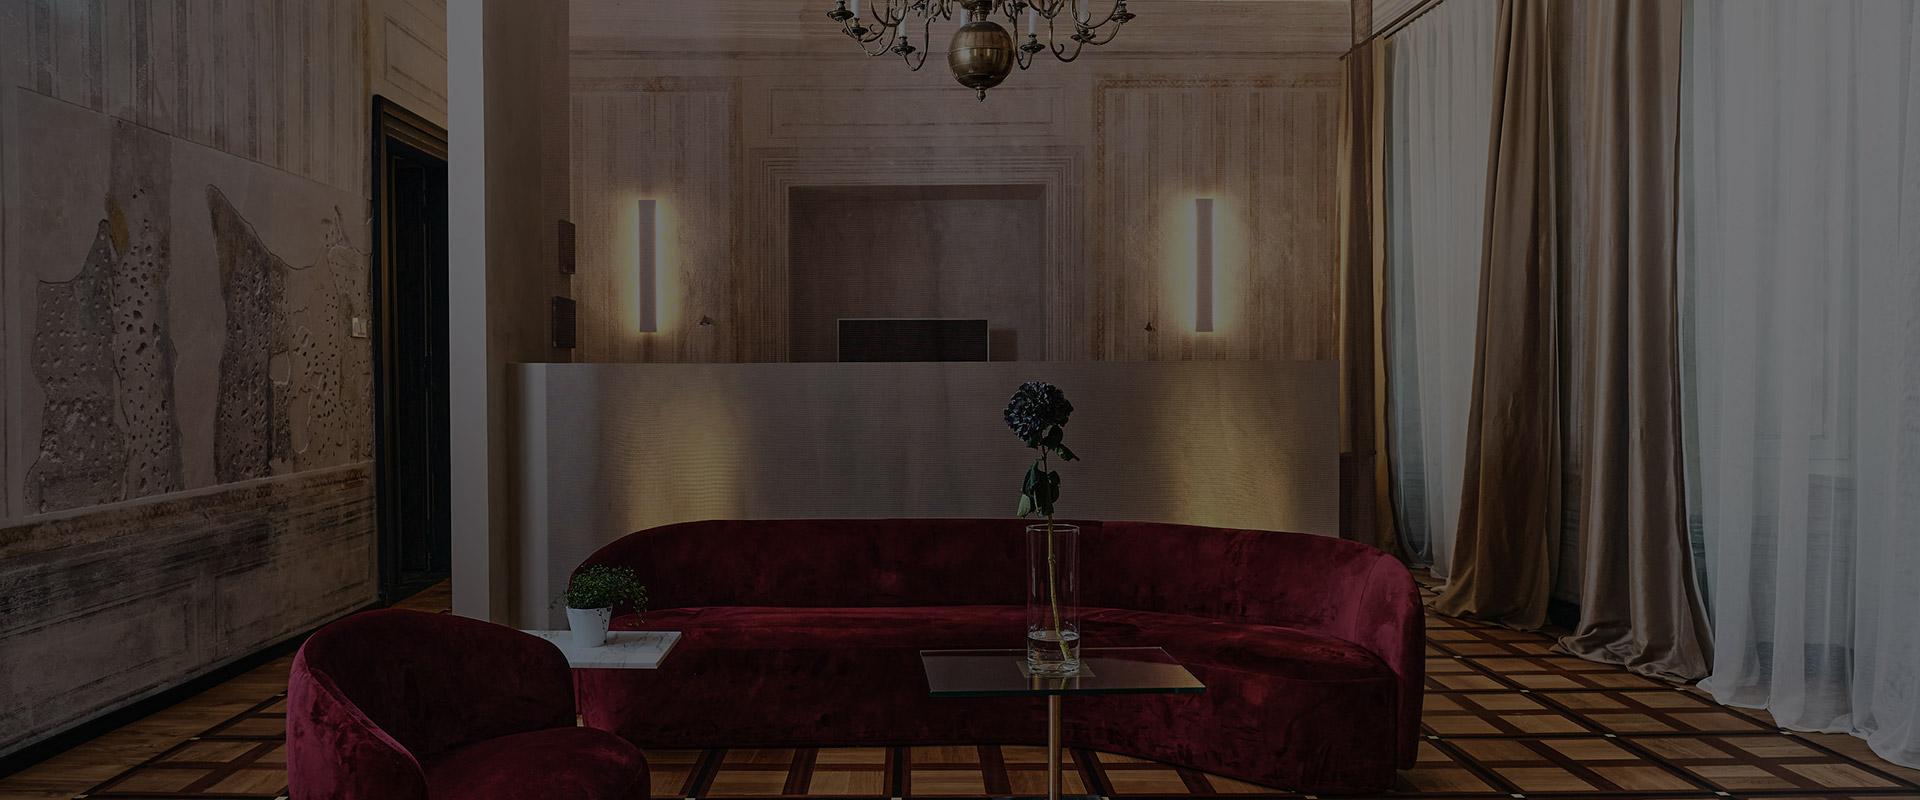 Hotel-warszawa-pieciogwiazkowy-hotel-w-centrum-warszawy-pokoj-dwuosobowy